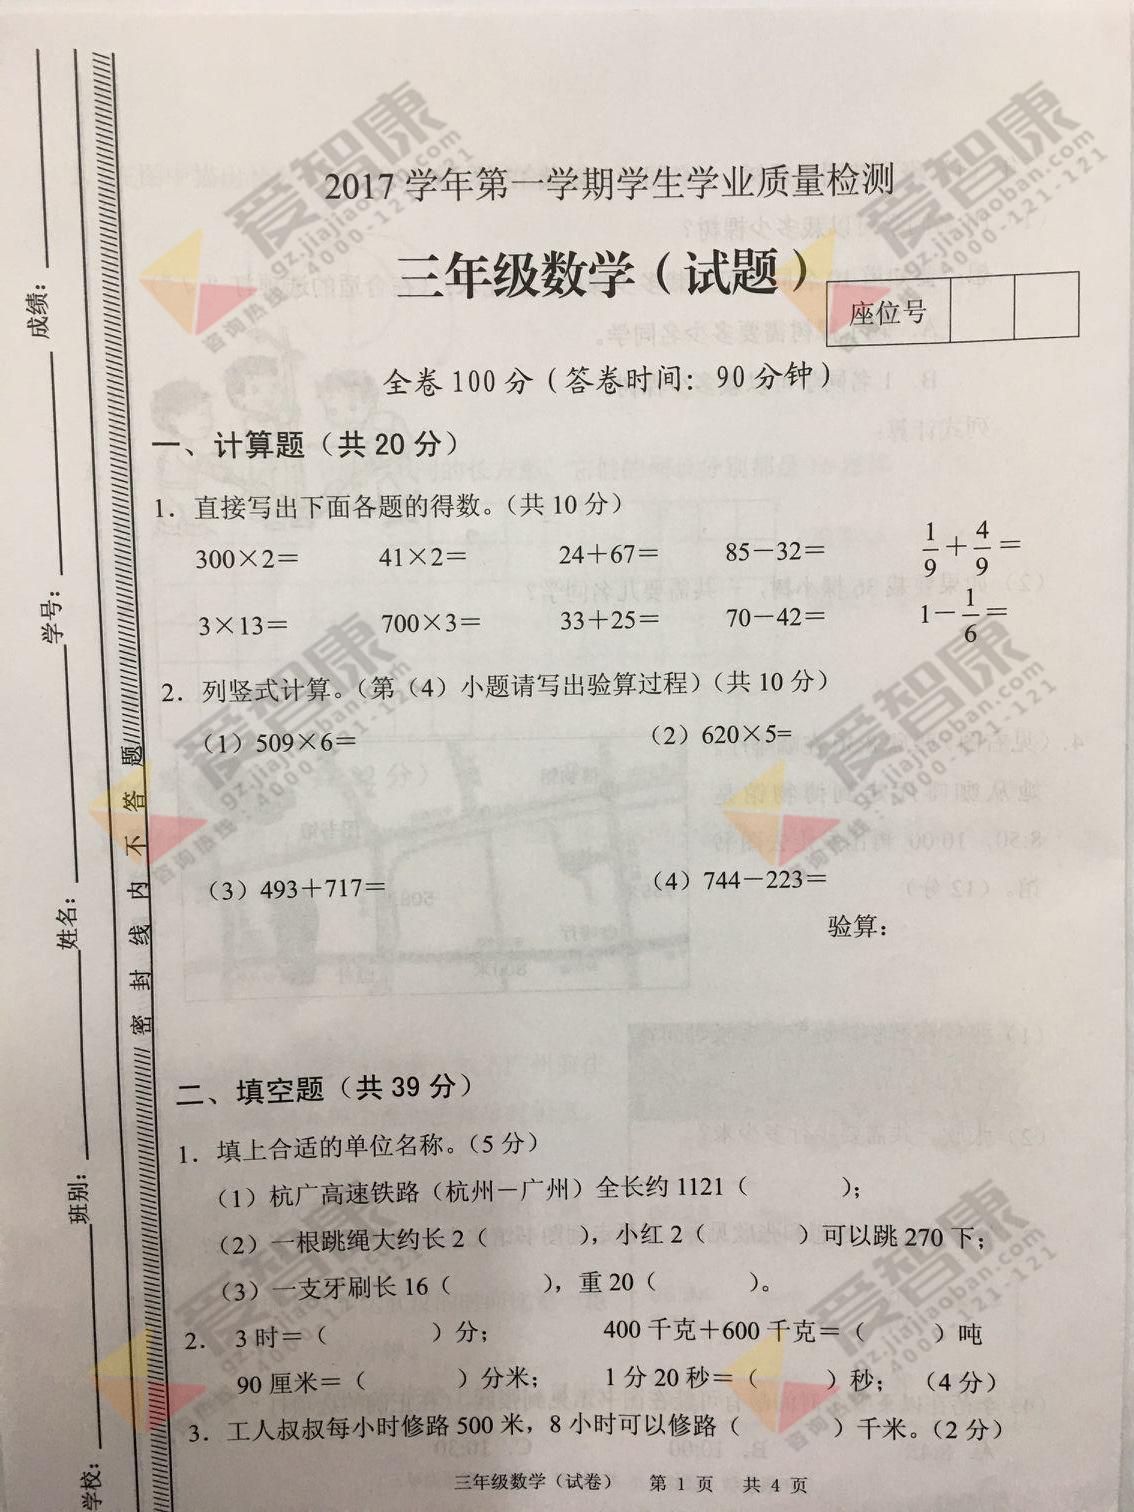 2017-2018学年广州白云区三年级上学期期末数学试卷及答案解析